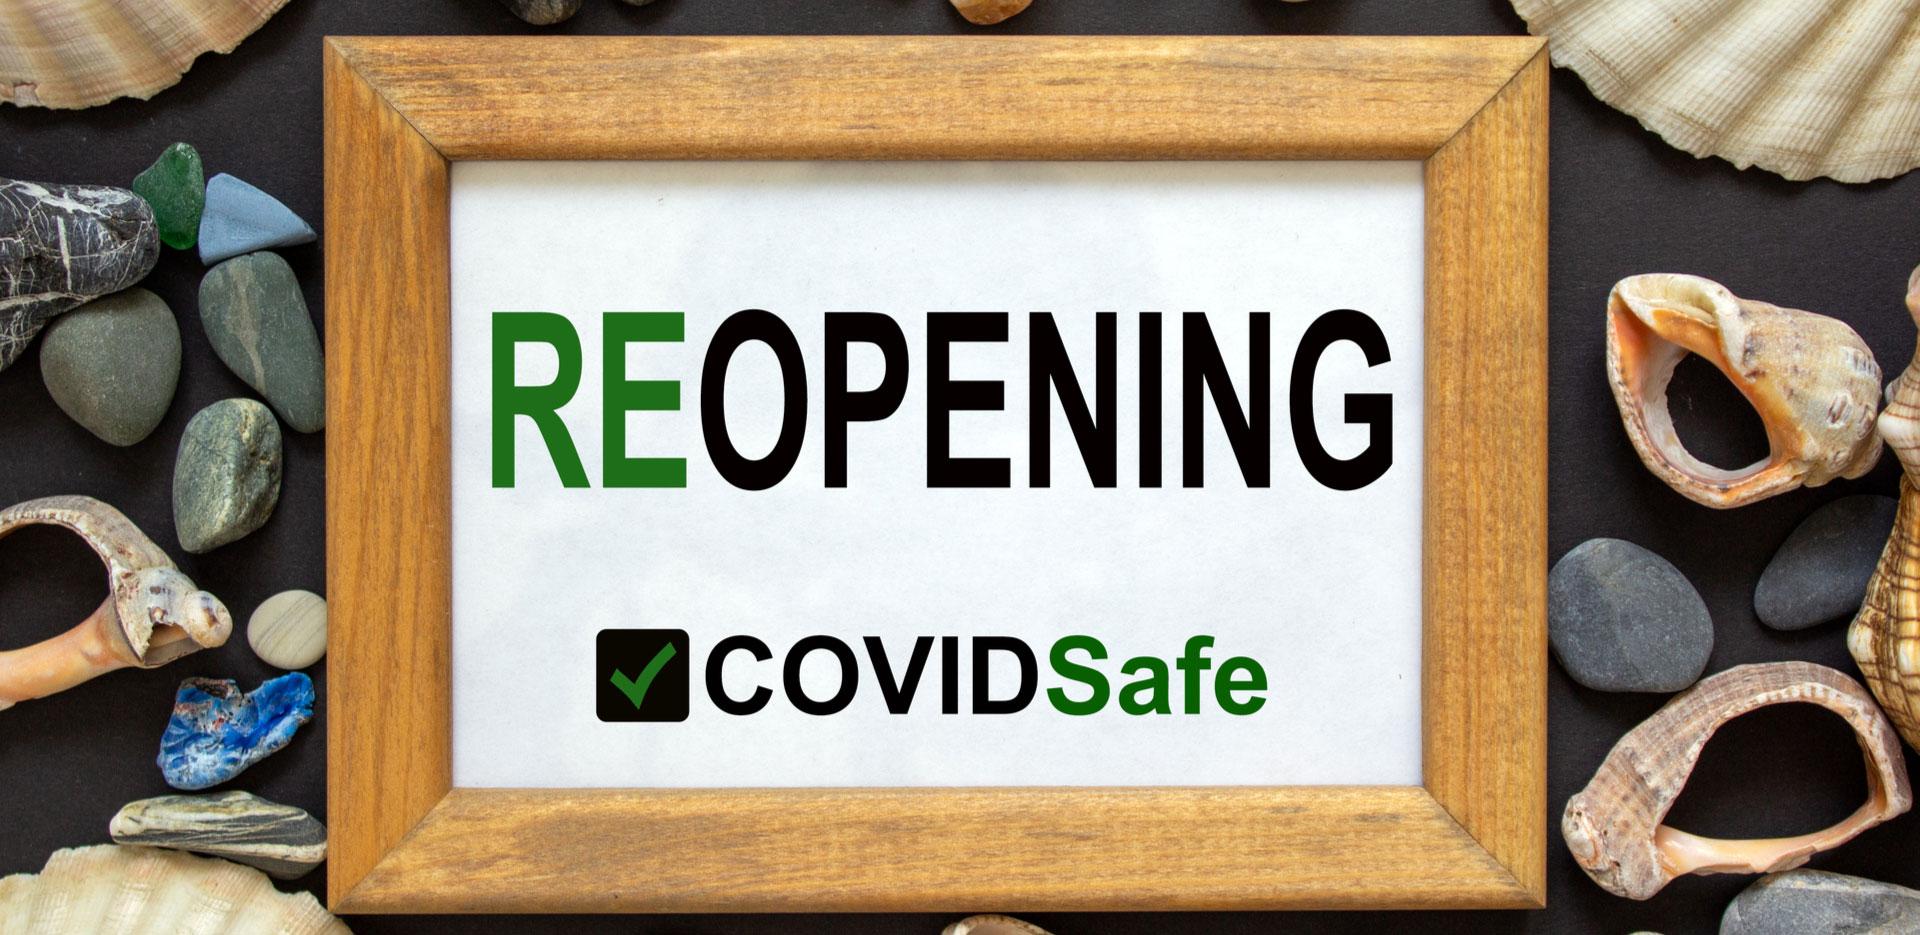 Reopening 20 Resort